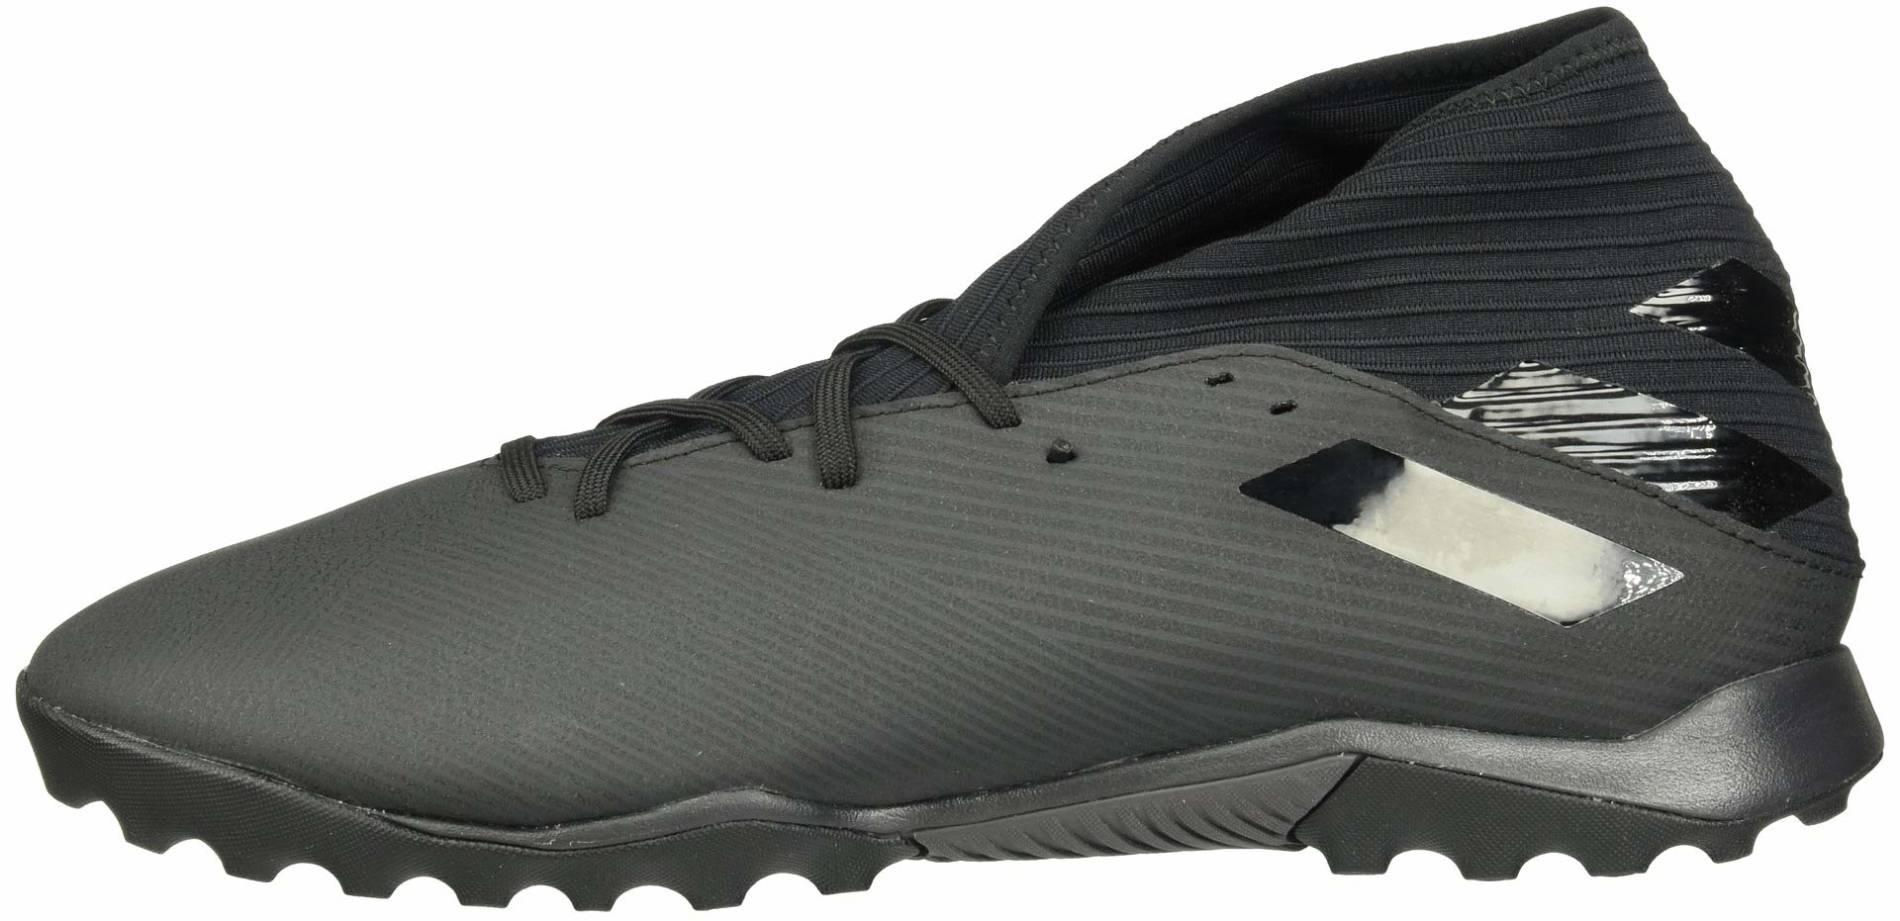 Adidas Nemeziz 19.3 Turf